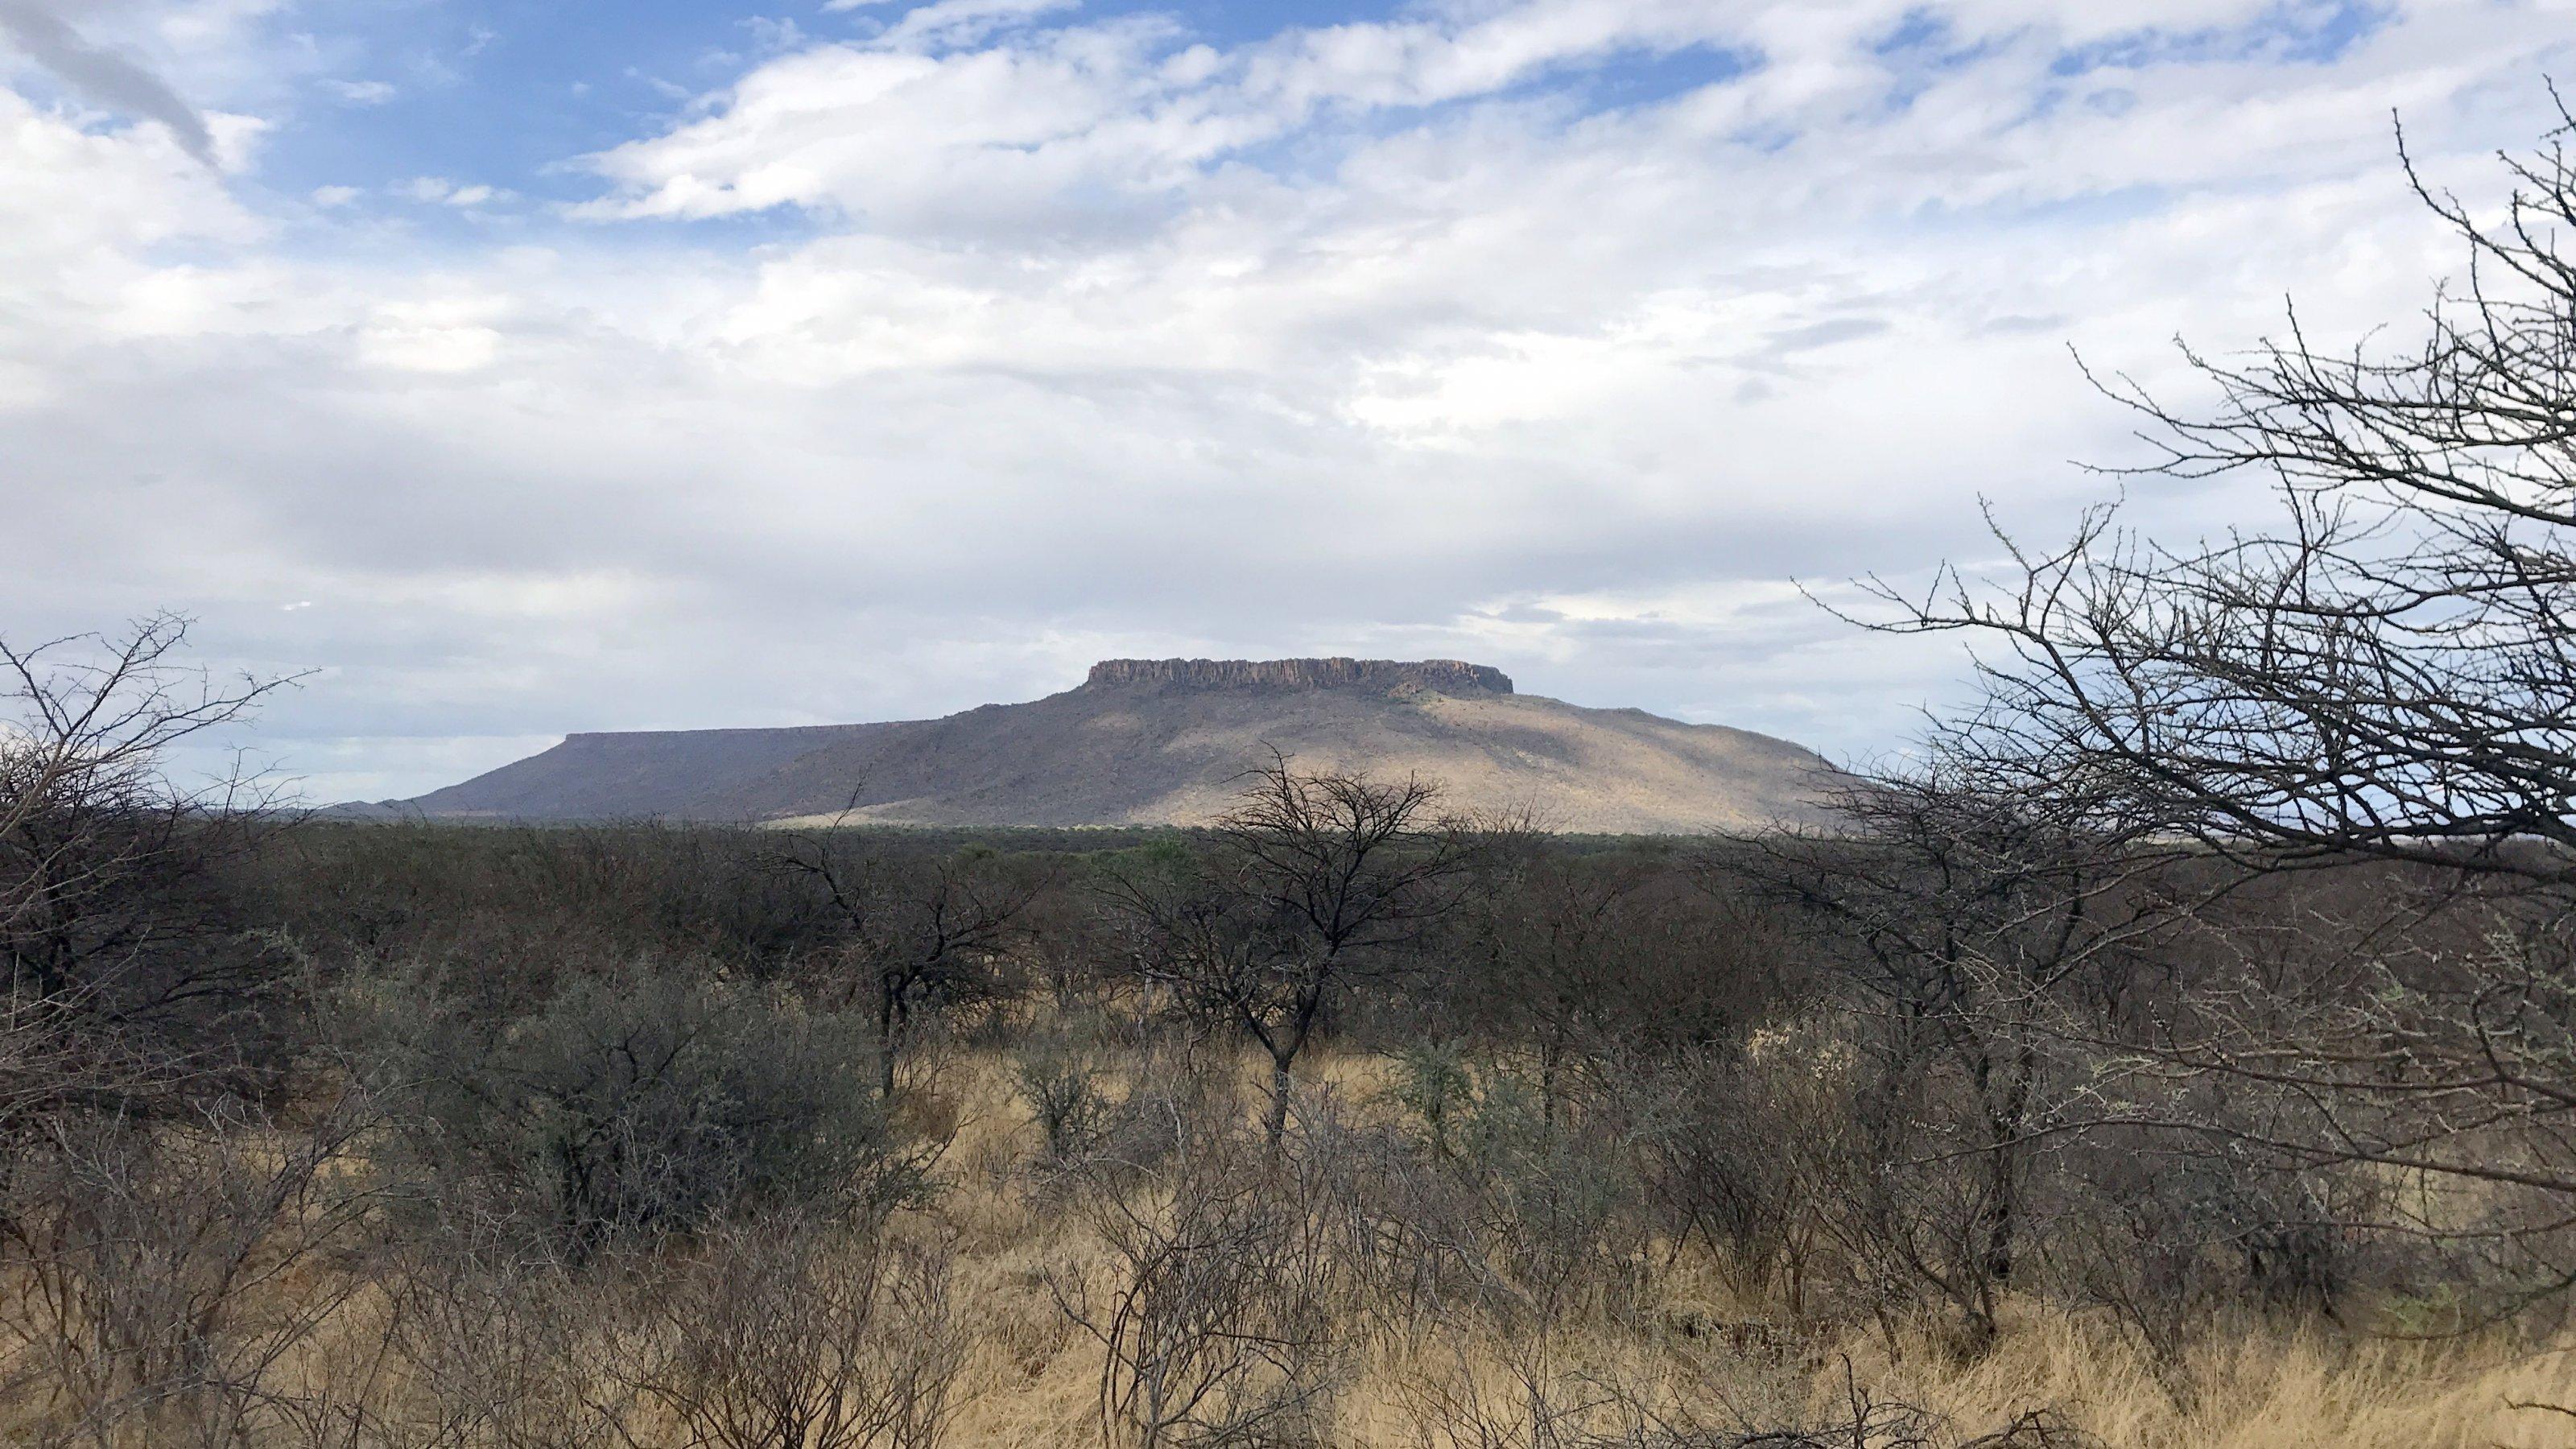 Aus der kargen Landschaft ragt ein Berg mit großem Plateau, der Waterberg